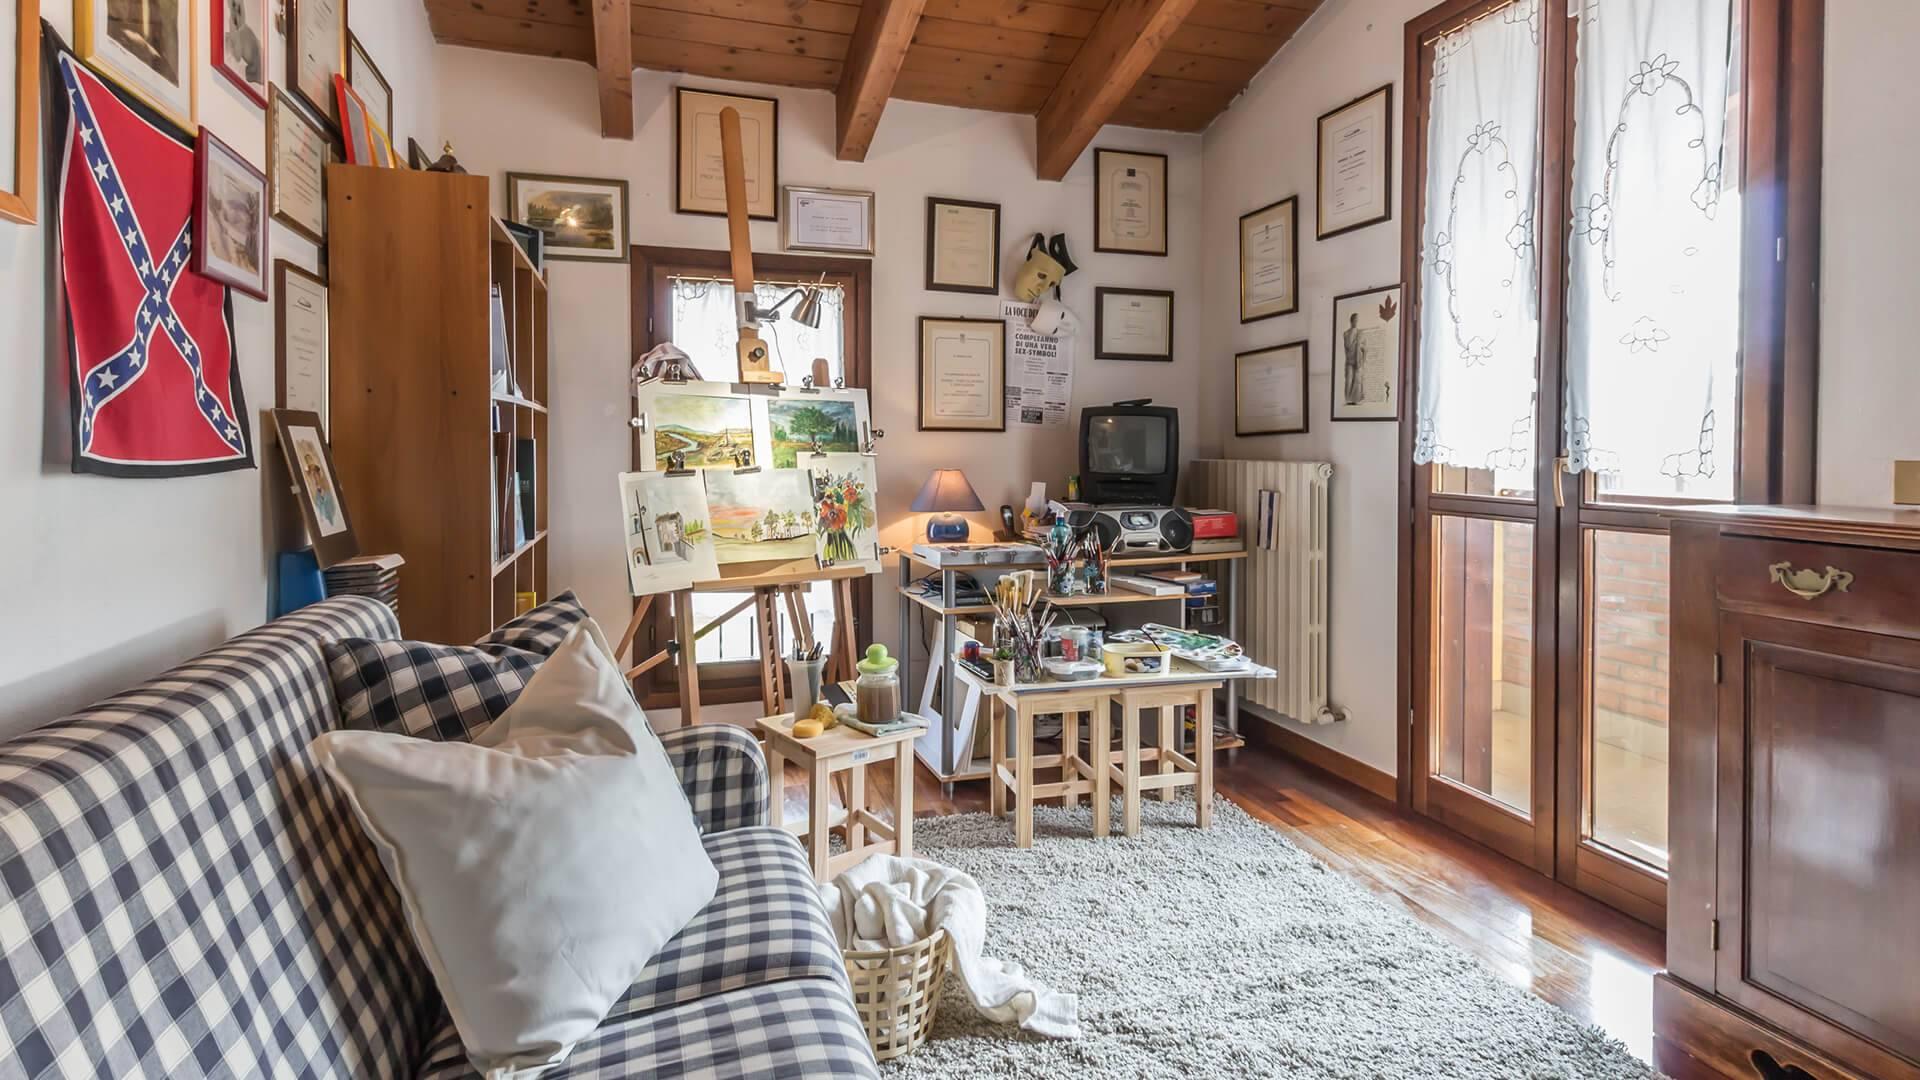 carta bianca progetto home staging villa a schiera reggio emilia foto 12